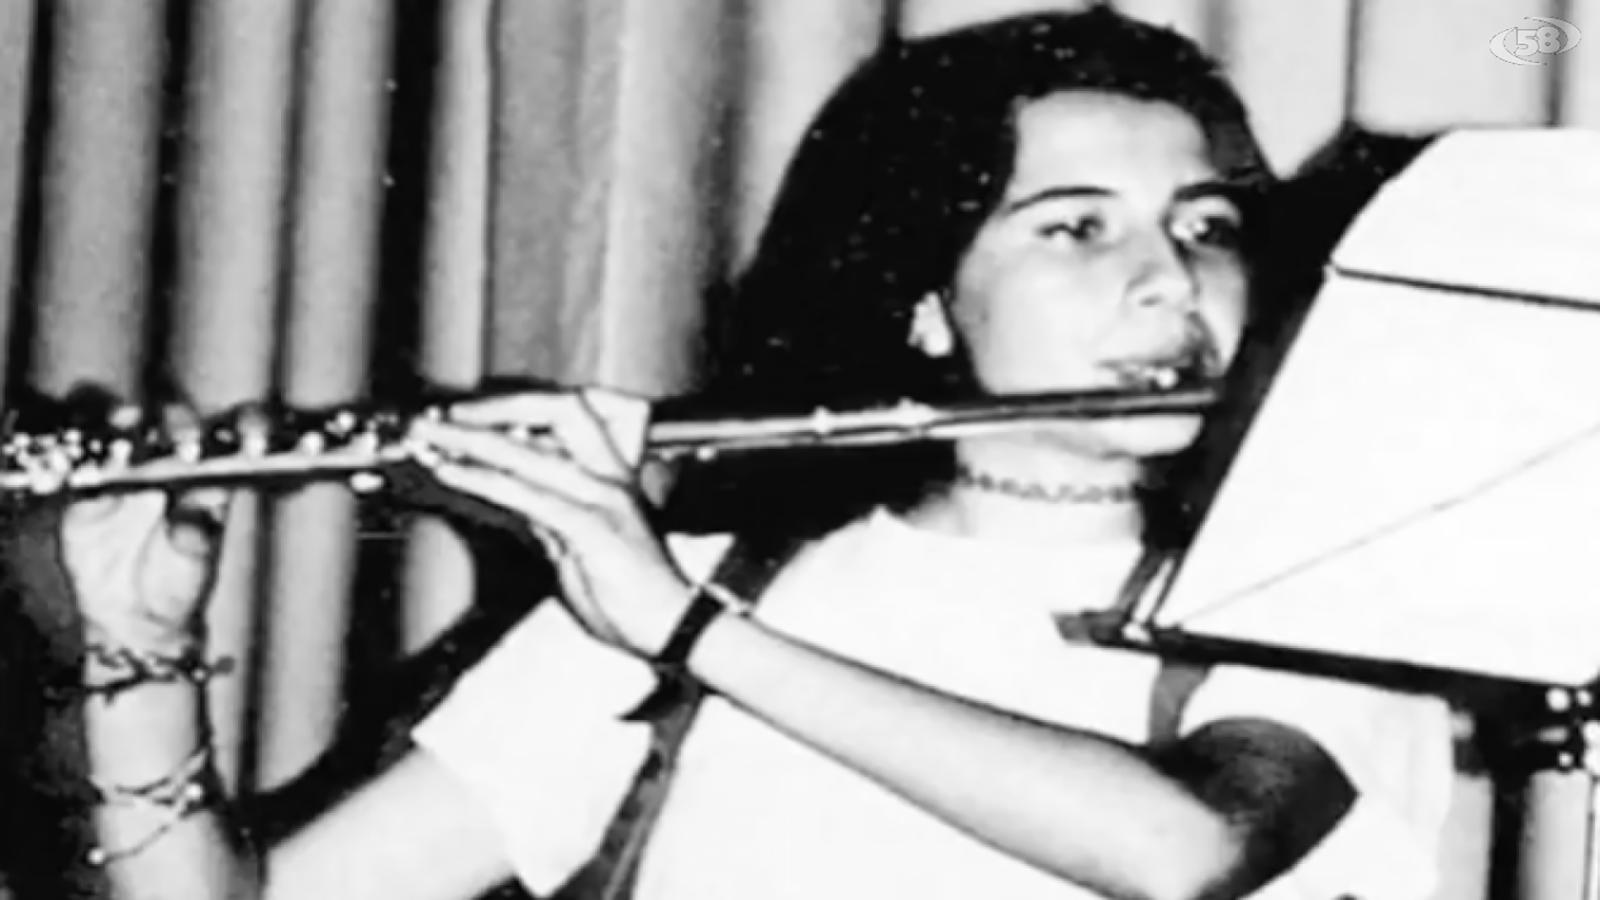 La verità irraggiungibile del caso di Emanuela Orlandi